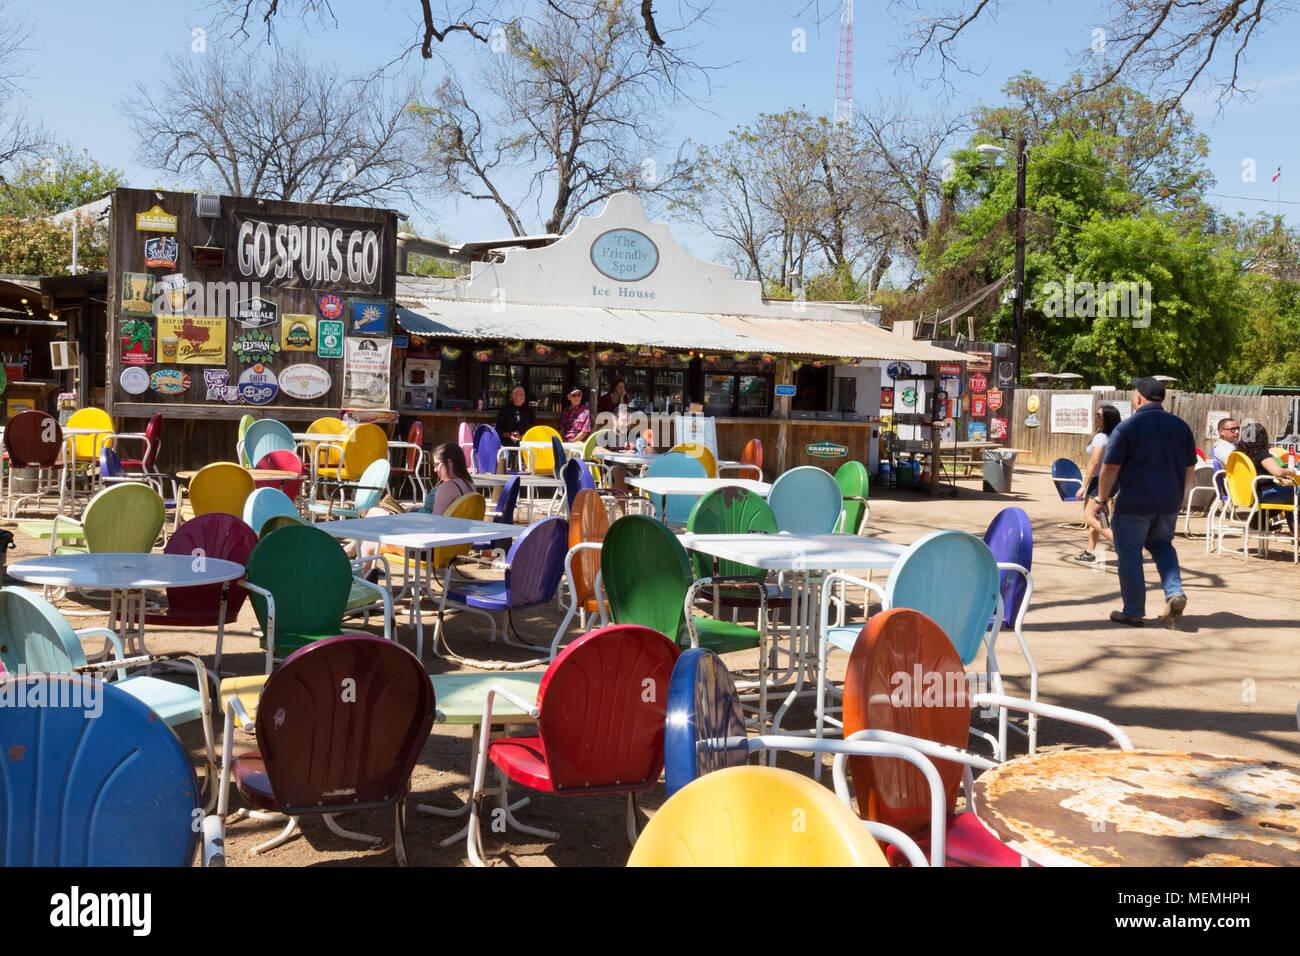 Die Leute Trinken In Der Freundliche Ort Ice House Bar Und Cafe